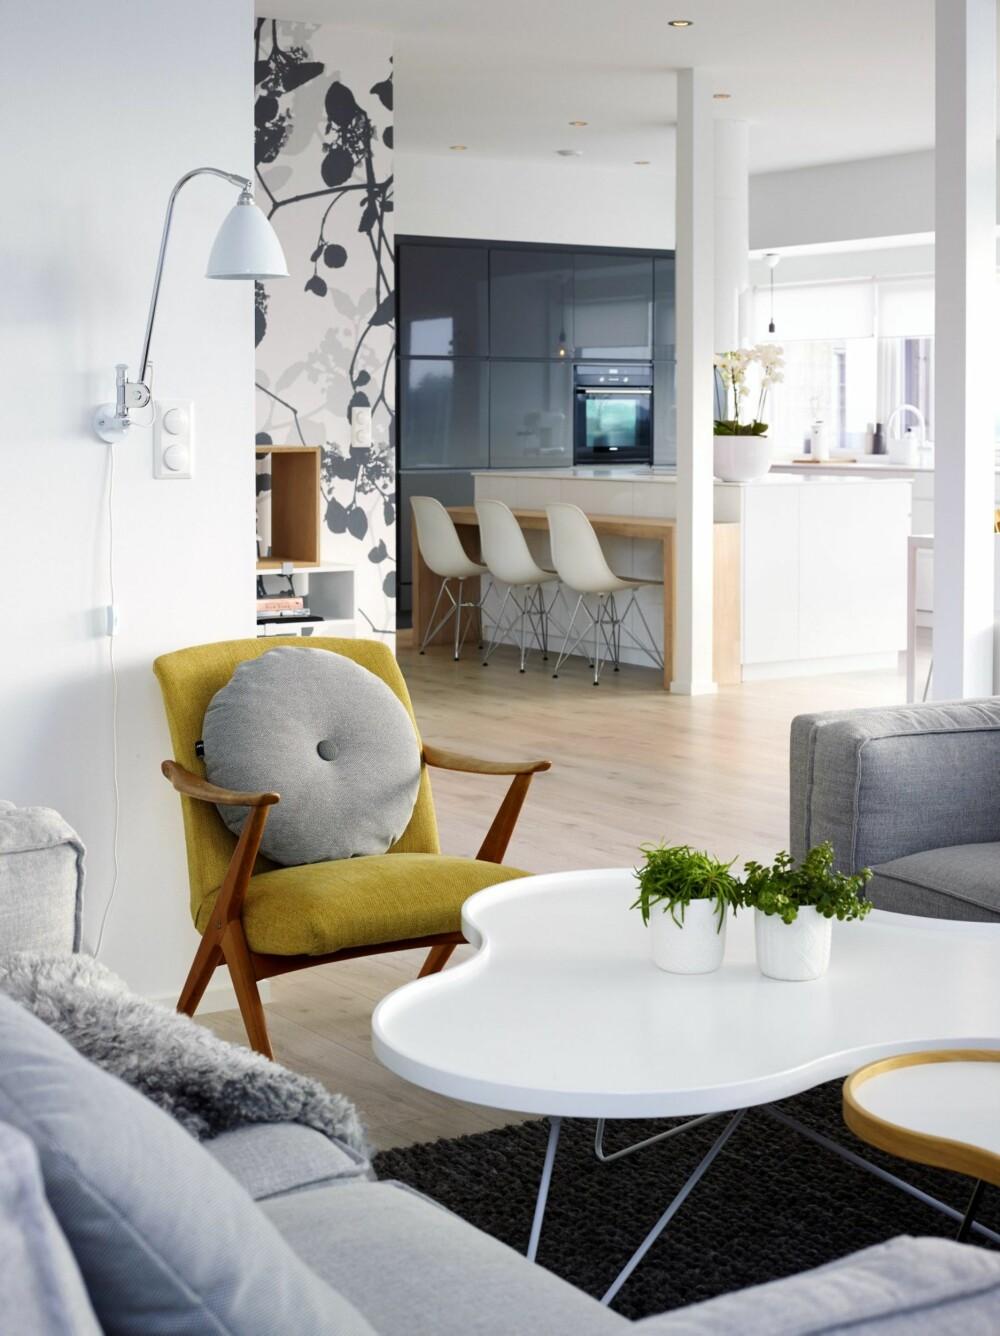 LANGE LINJER: Takhøyden i stuen er på 3,4 meter. Kjøkkenet er fra Kvik, med benkeplate i Corian bestilt på mål fra Tyskland. Lenestolen er et bruktfunn. Gulvteppet er fra Hay. For å skape dynamikk i det åpne rommet, valgte Janne å tapetsere en vegg med mønstret tapet fra Scandinavian Surface.